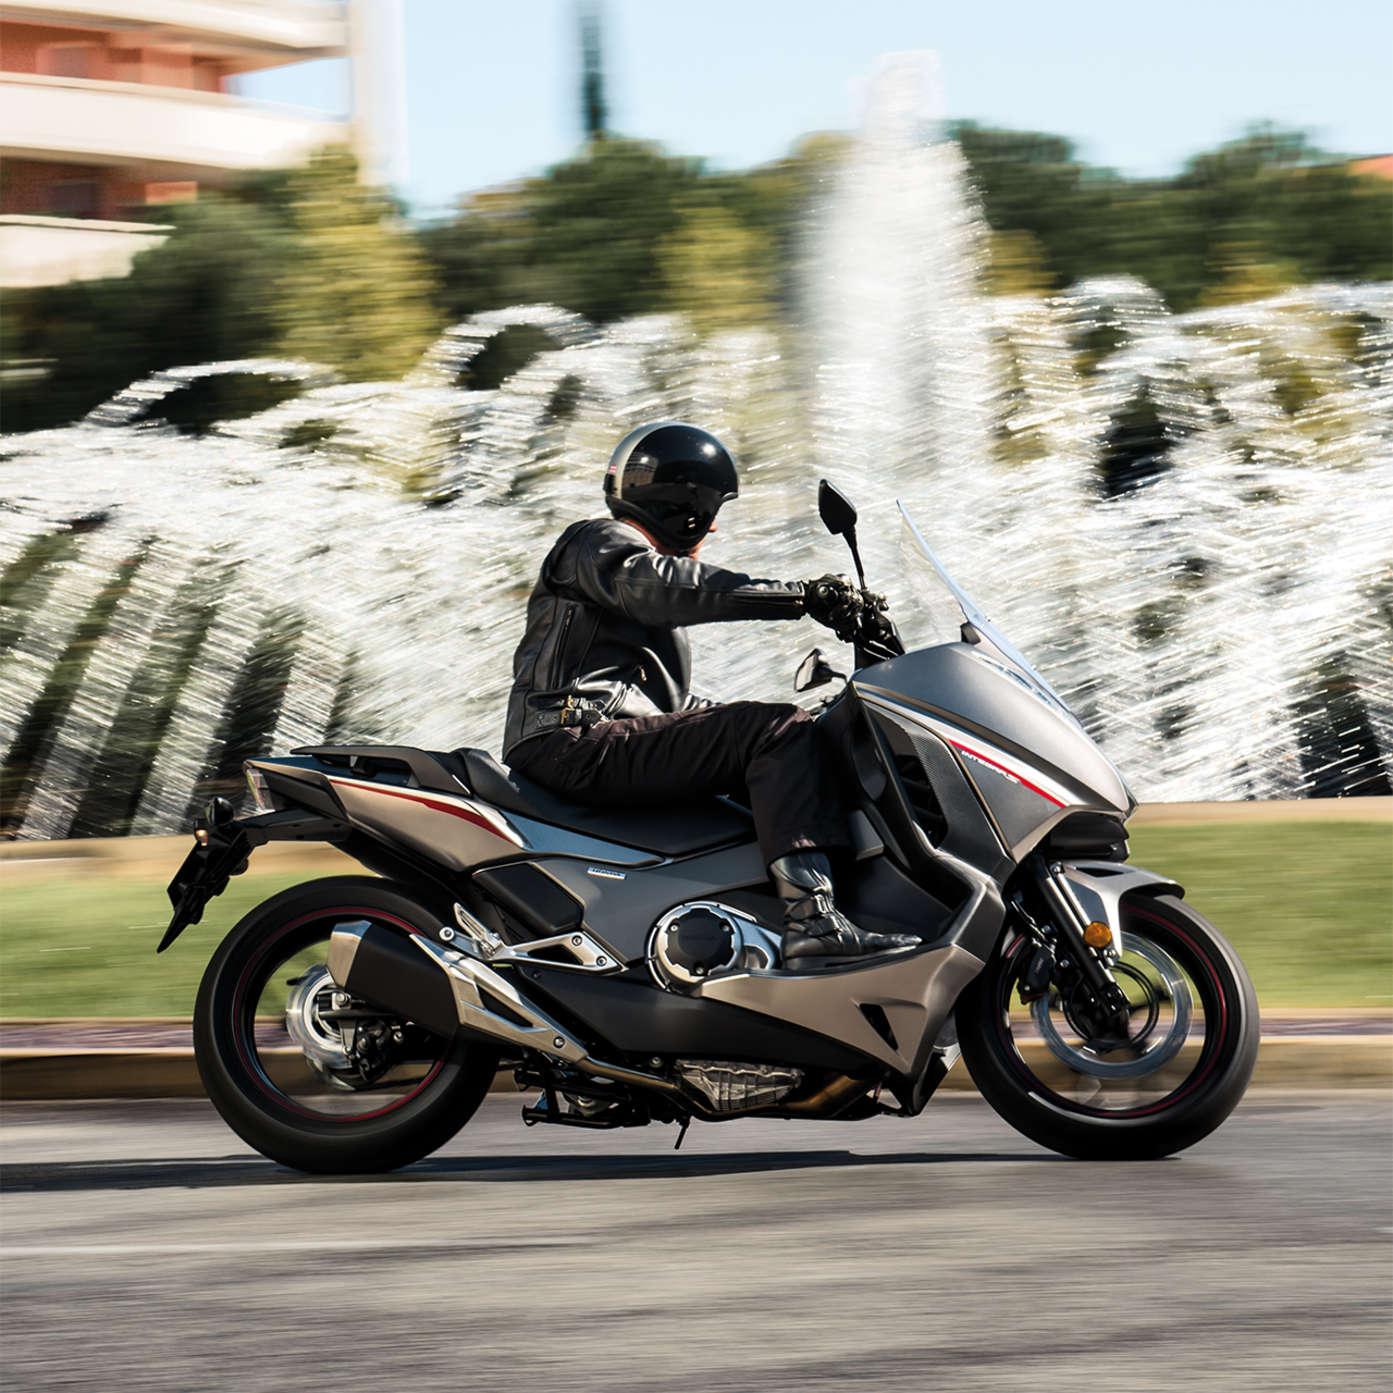 Honda Integra Scooter With Motorbike Power Honda Uk